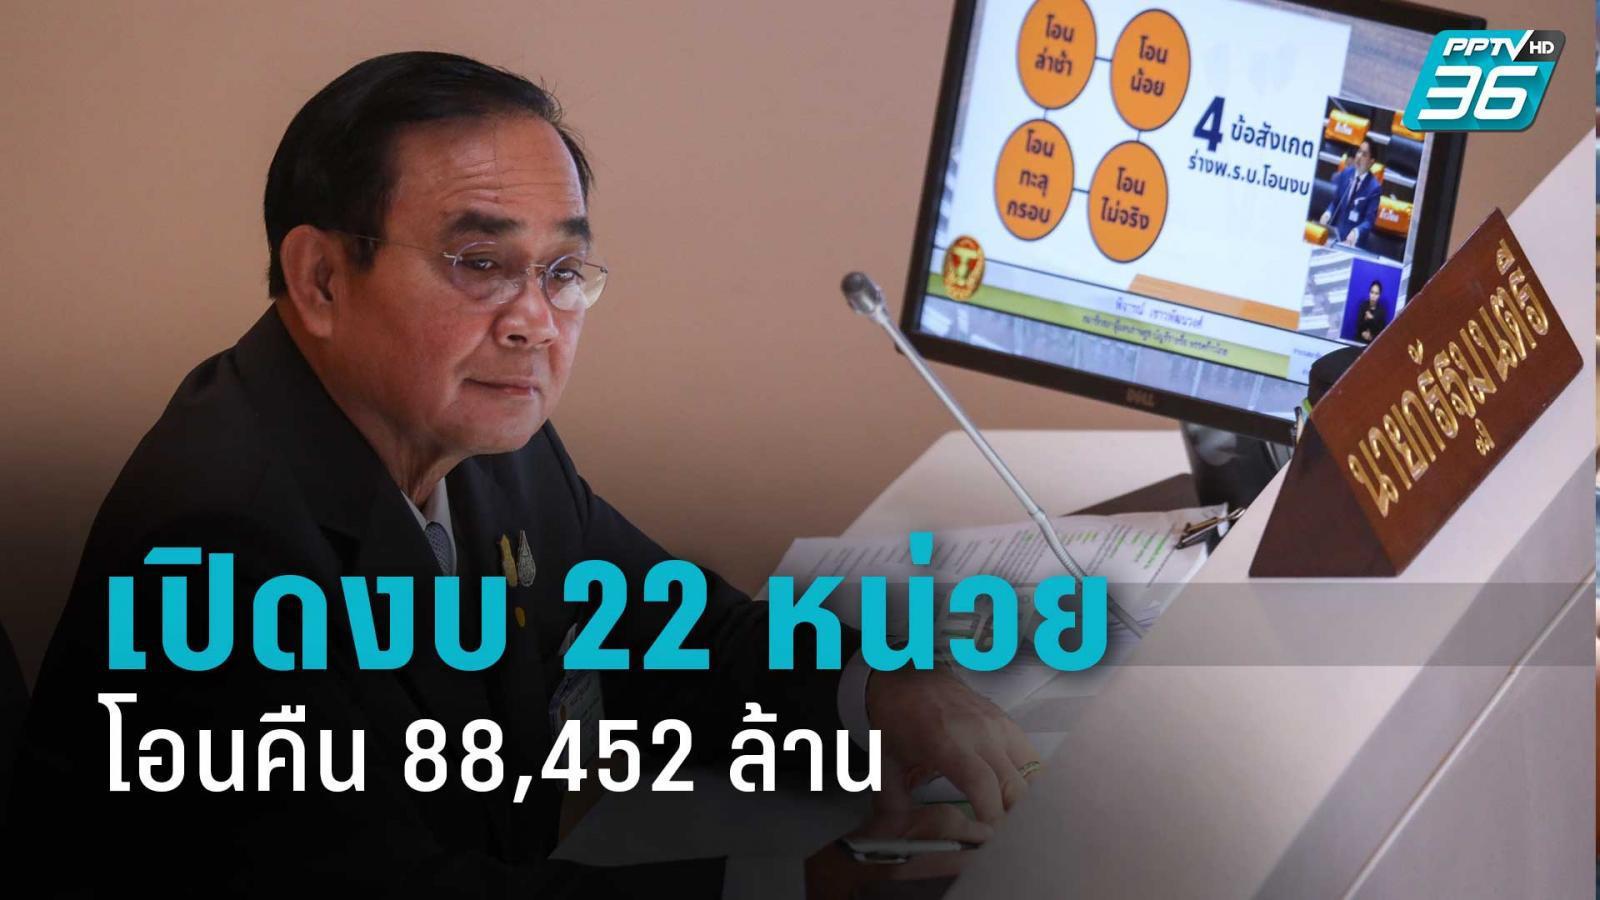 กางตัวเลข เรียงลำดับ 22 หน่วย โอนงบฯคืน 9 หมื่นล้าน อุดแก้โควิด - ภัยแล้ง สภาฯ ถก พ.ร.บ.ยาว